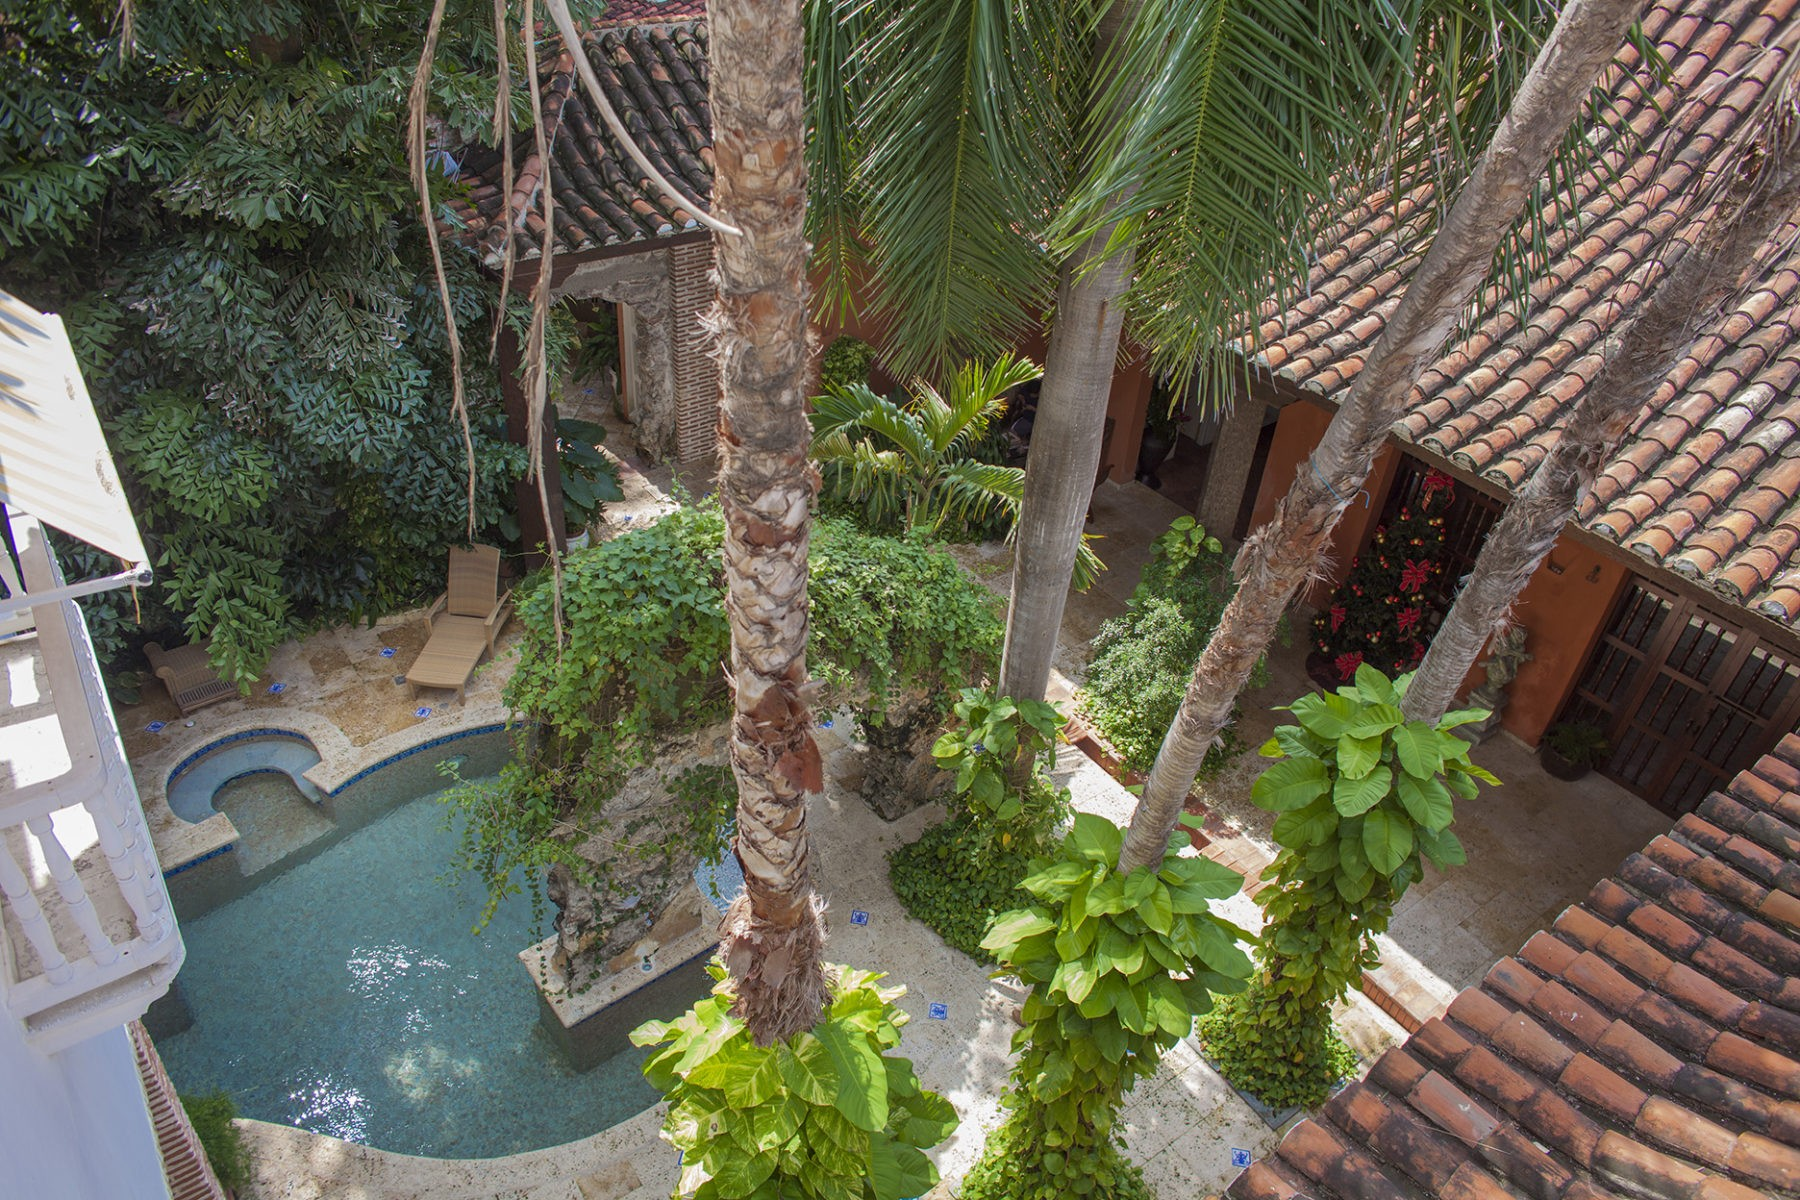 Case Botero, Cartagen de Indias